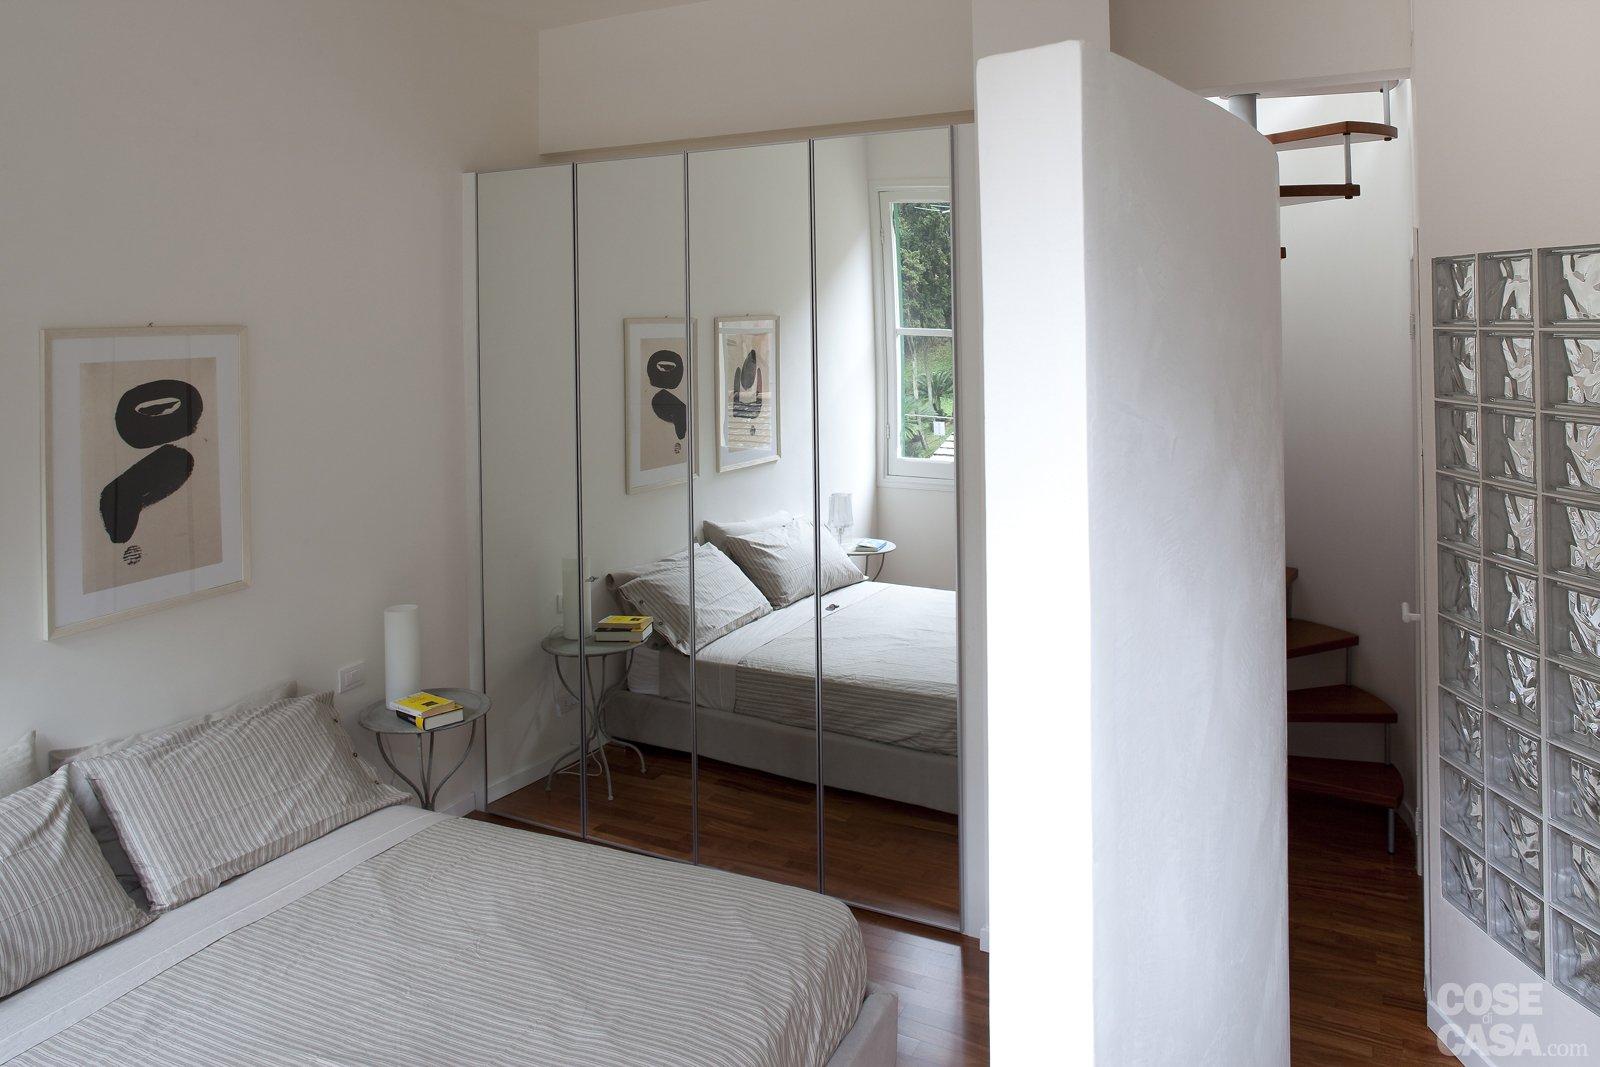 48 mq bilocale su due livelli cose di casa for Piani e disegni di casa con 2 camere da letto